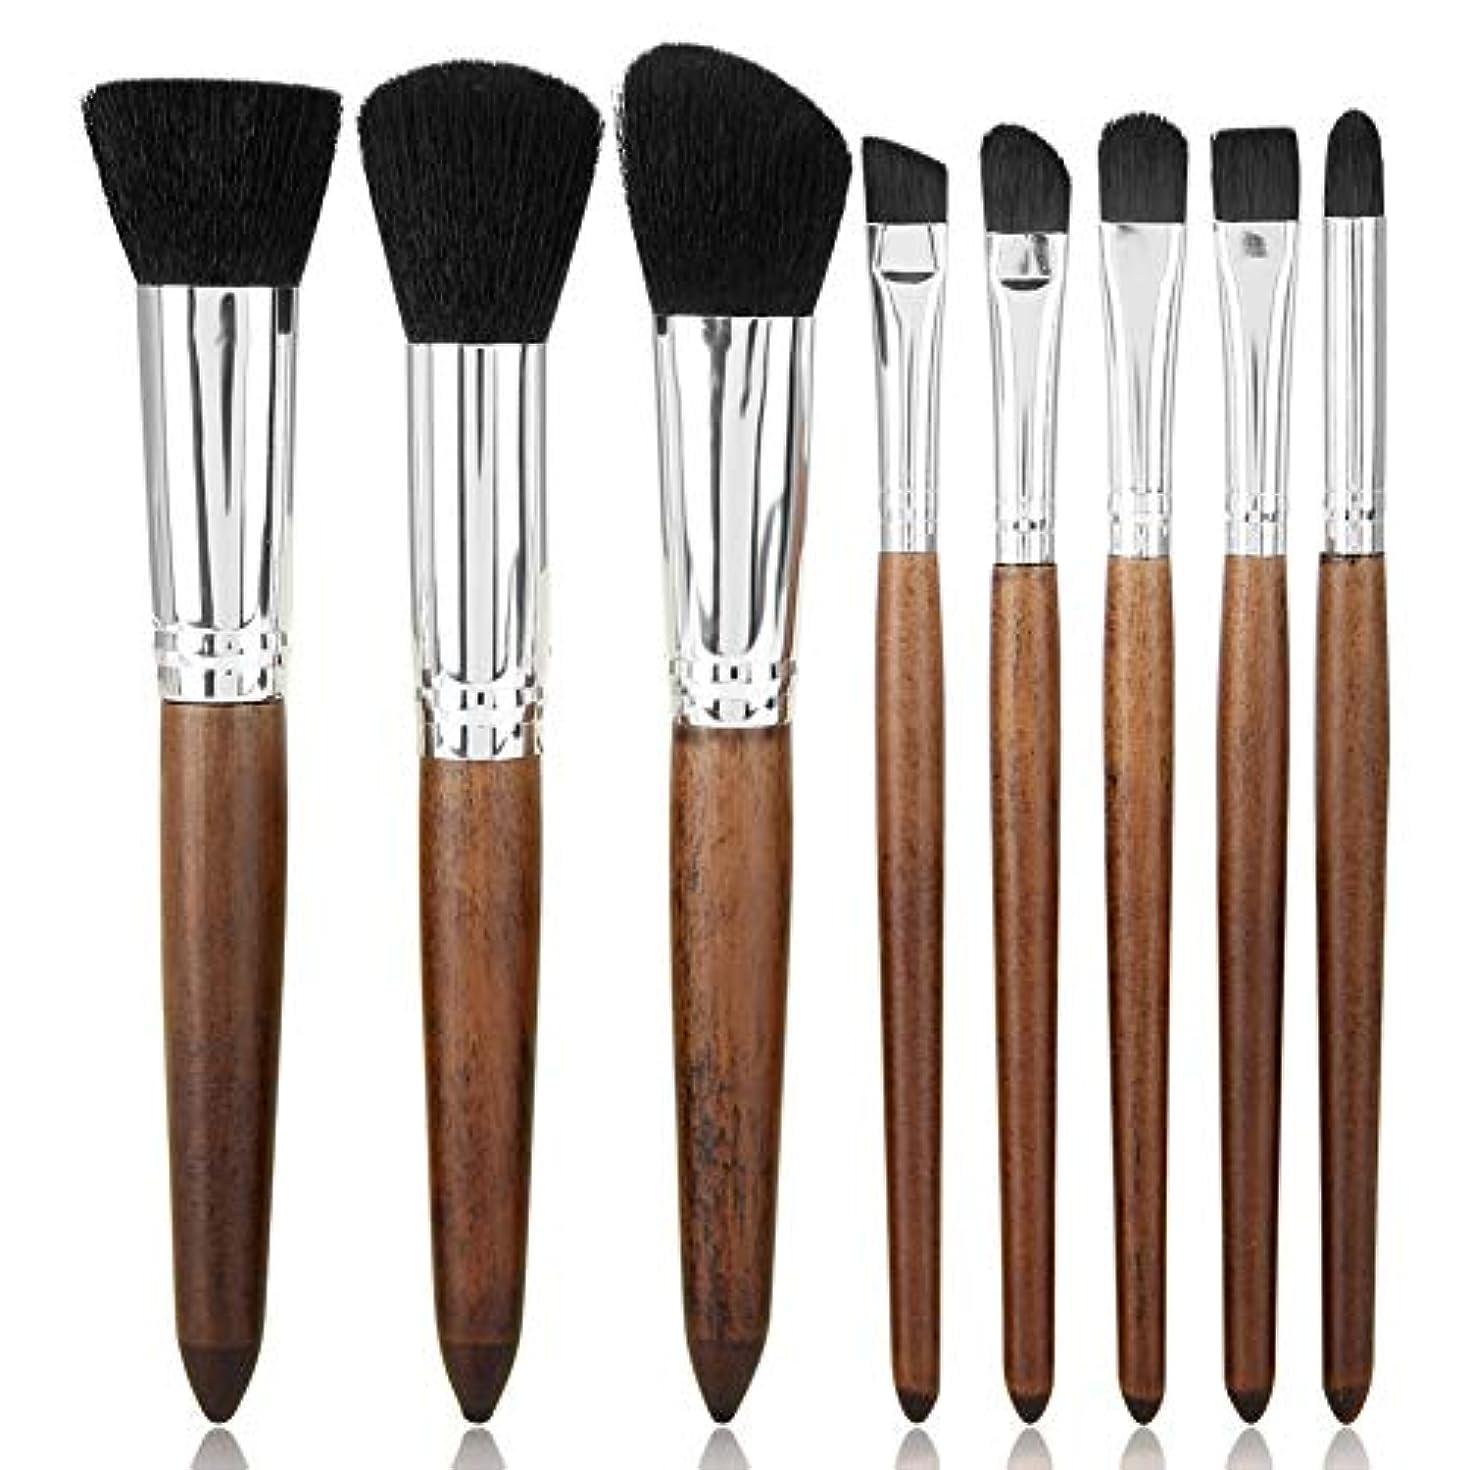 なくなる迷路カートンメイクブラシ 柔らかい 化粧筆 アイシャドウブラシ 粉飾用 修容ブラシセット 携帯用(ブラック#2)